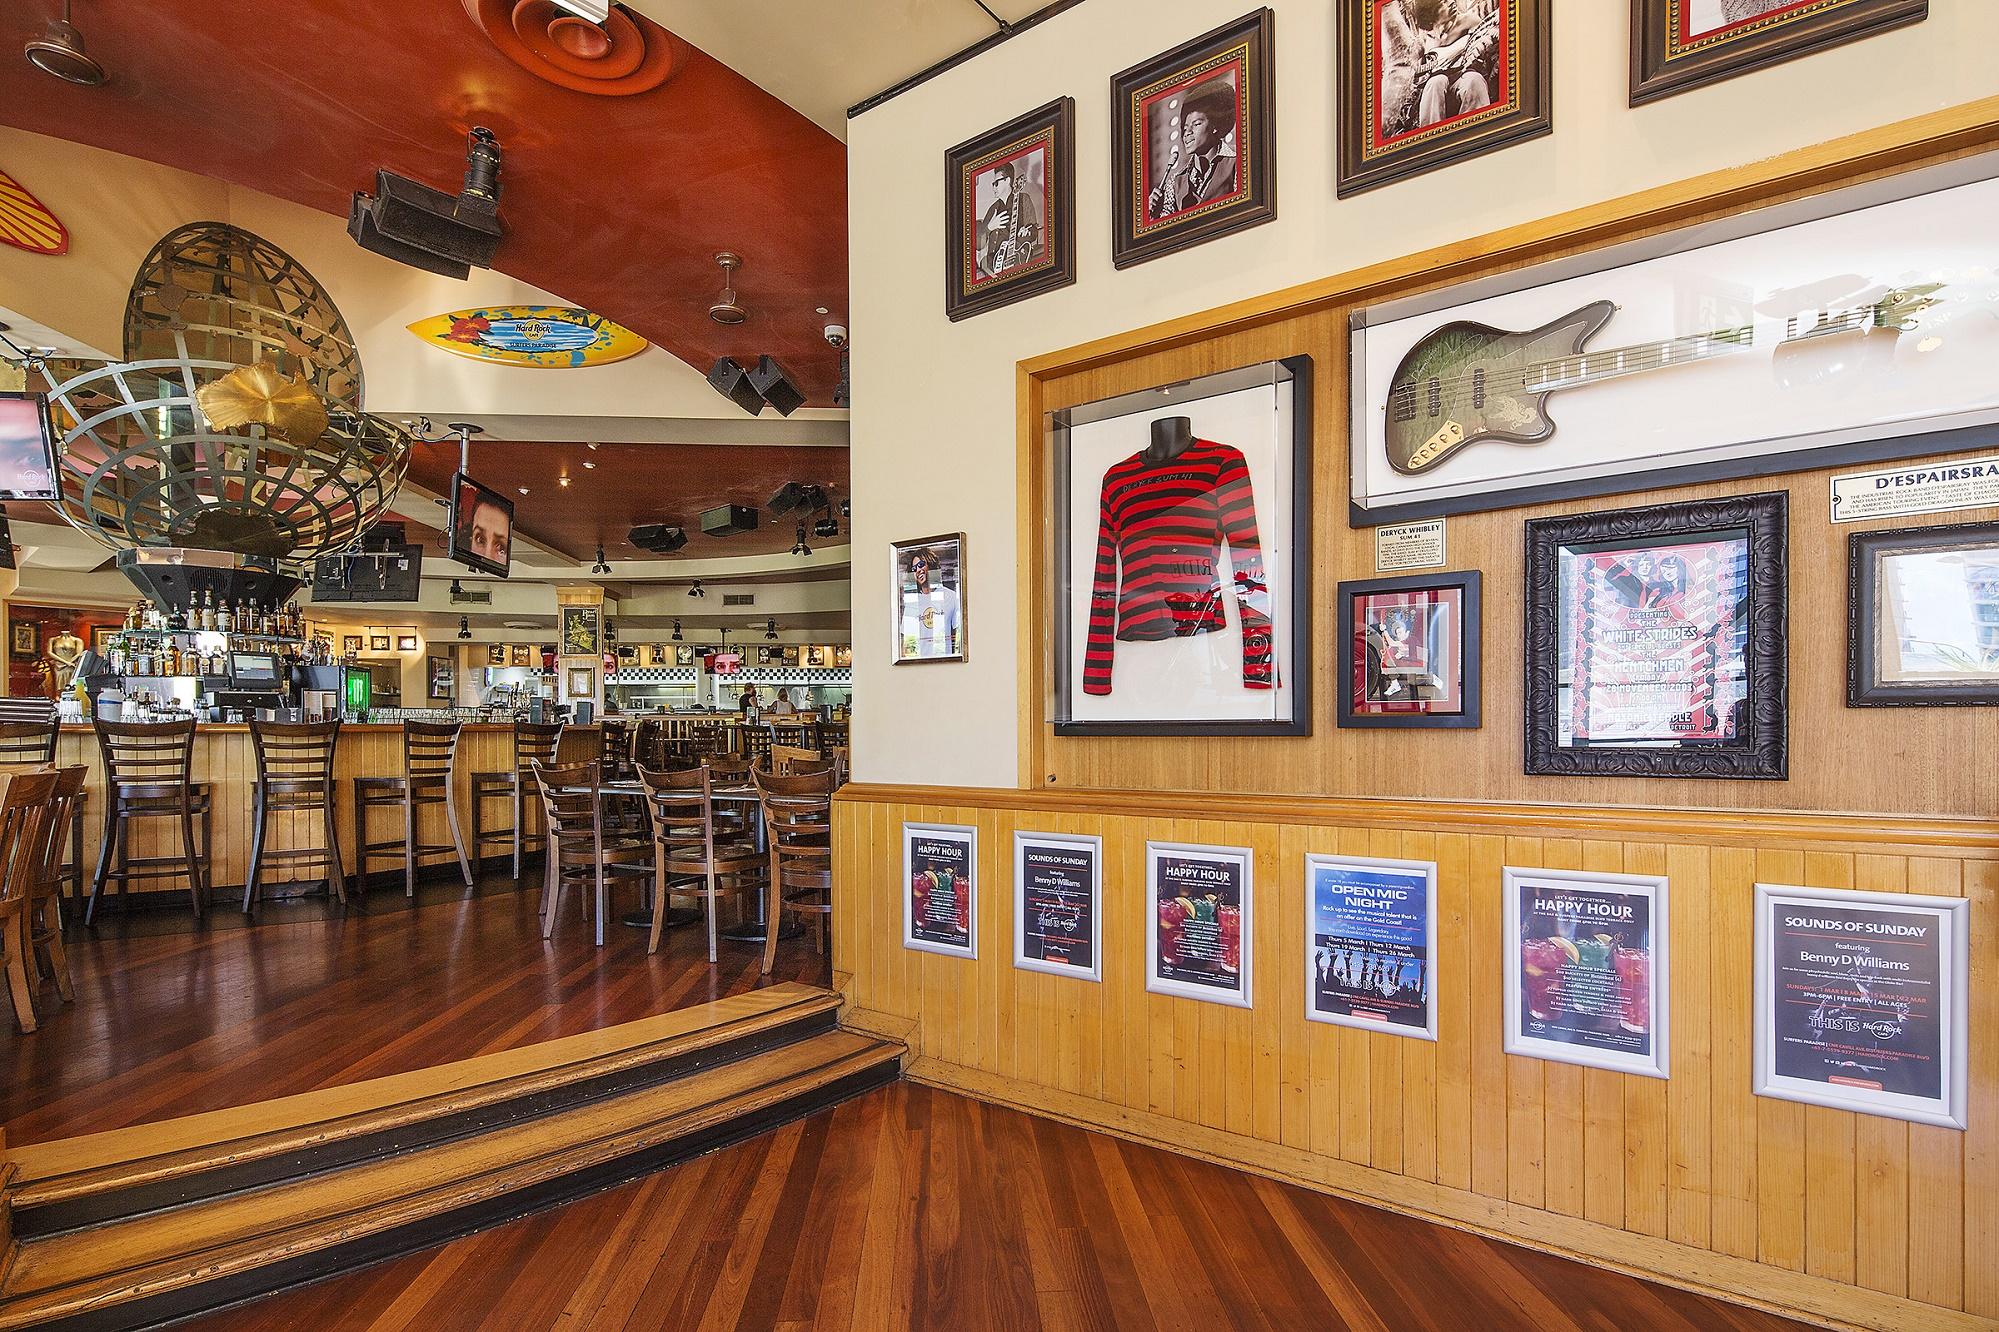 Hong Kong Style Cafe San Francisco